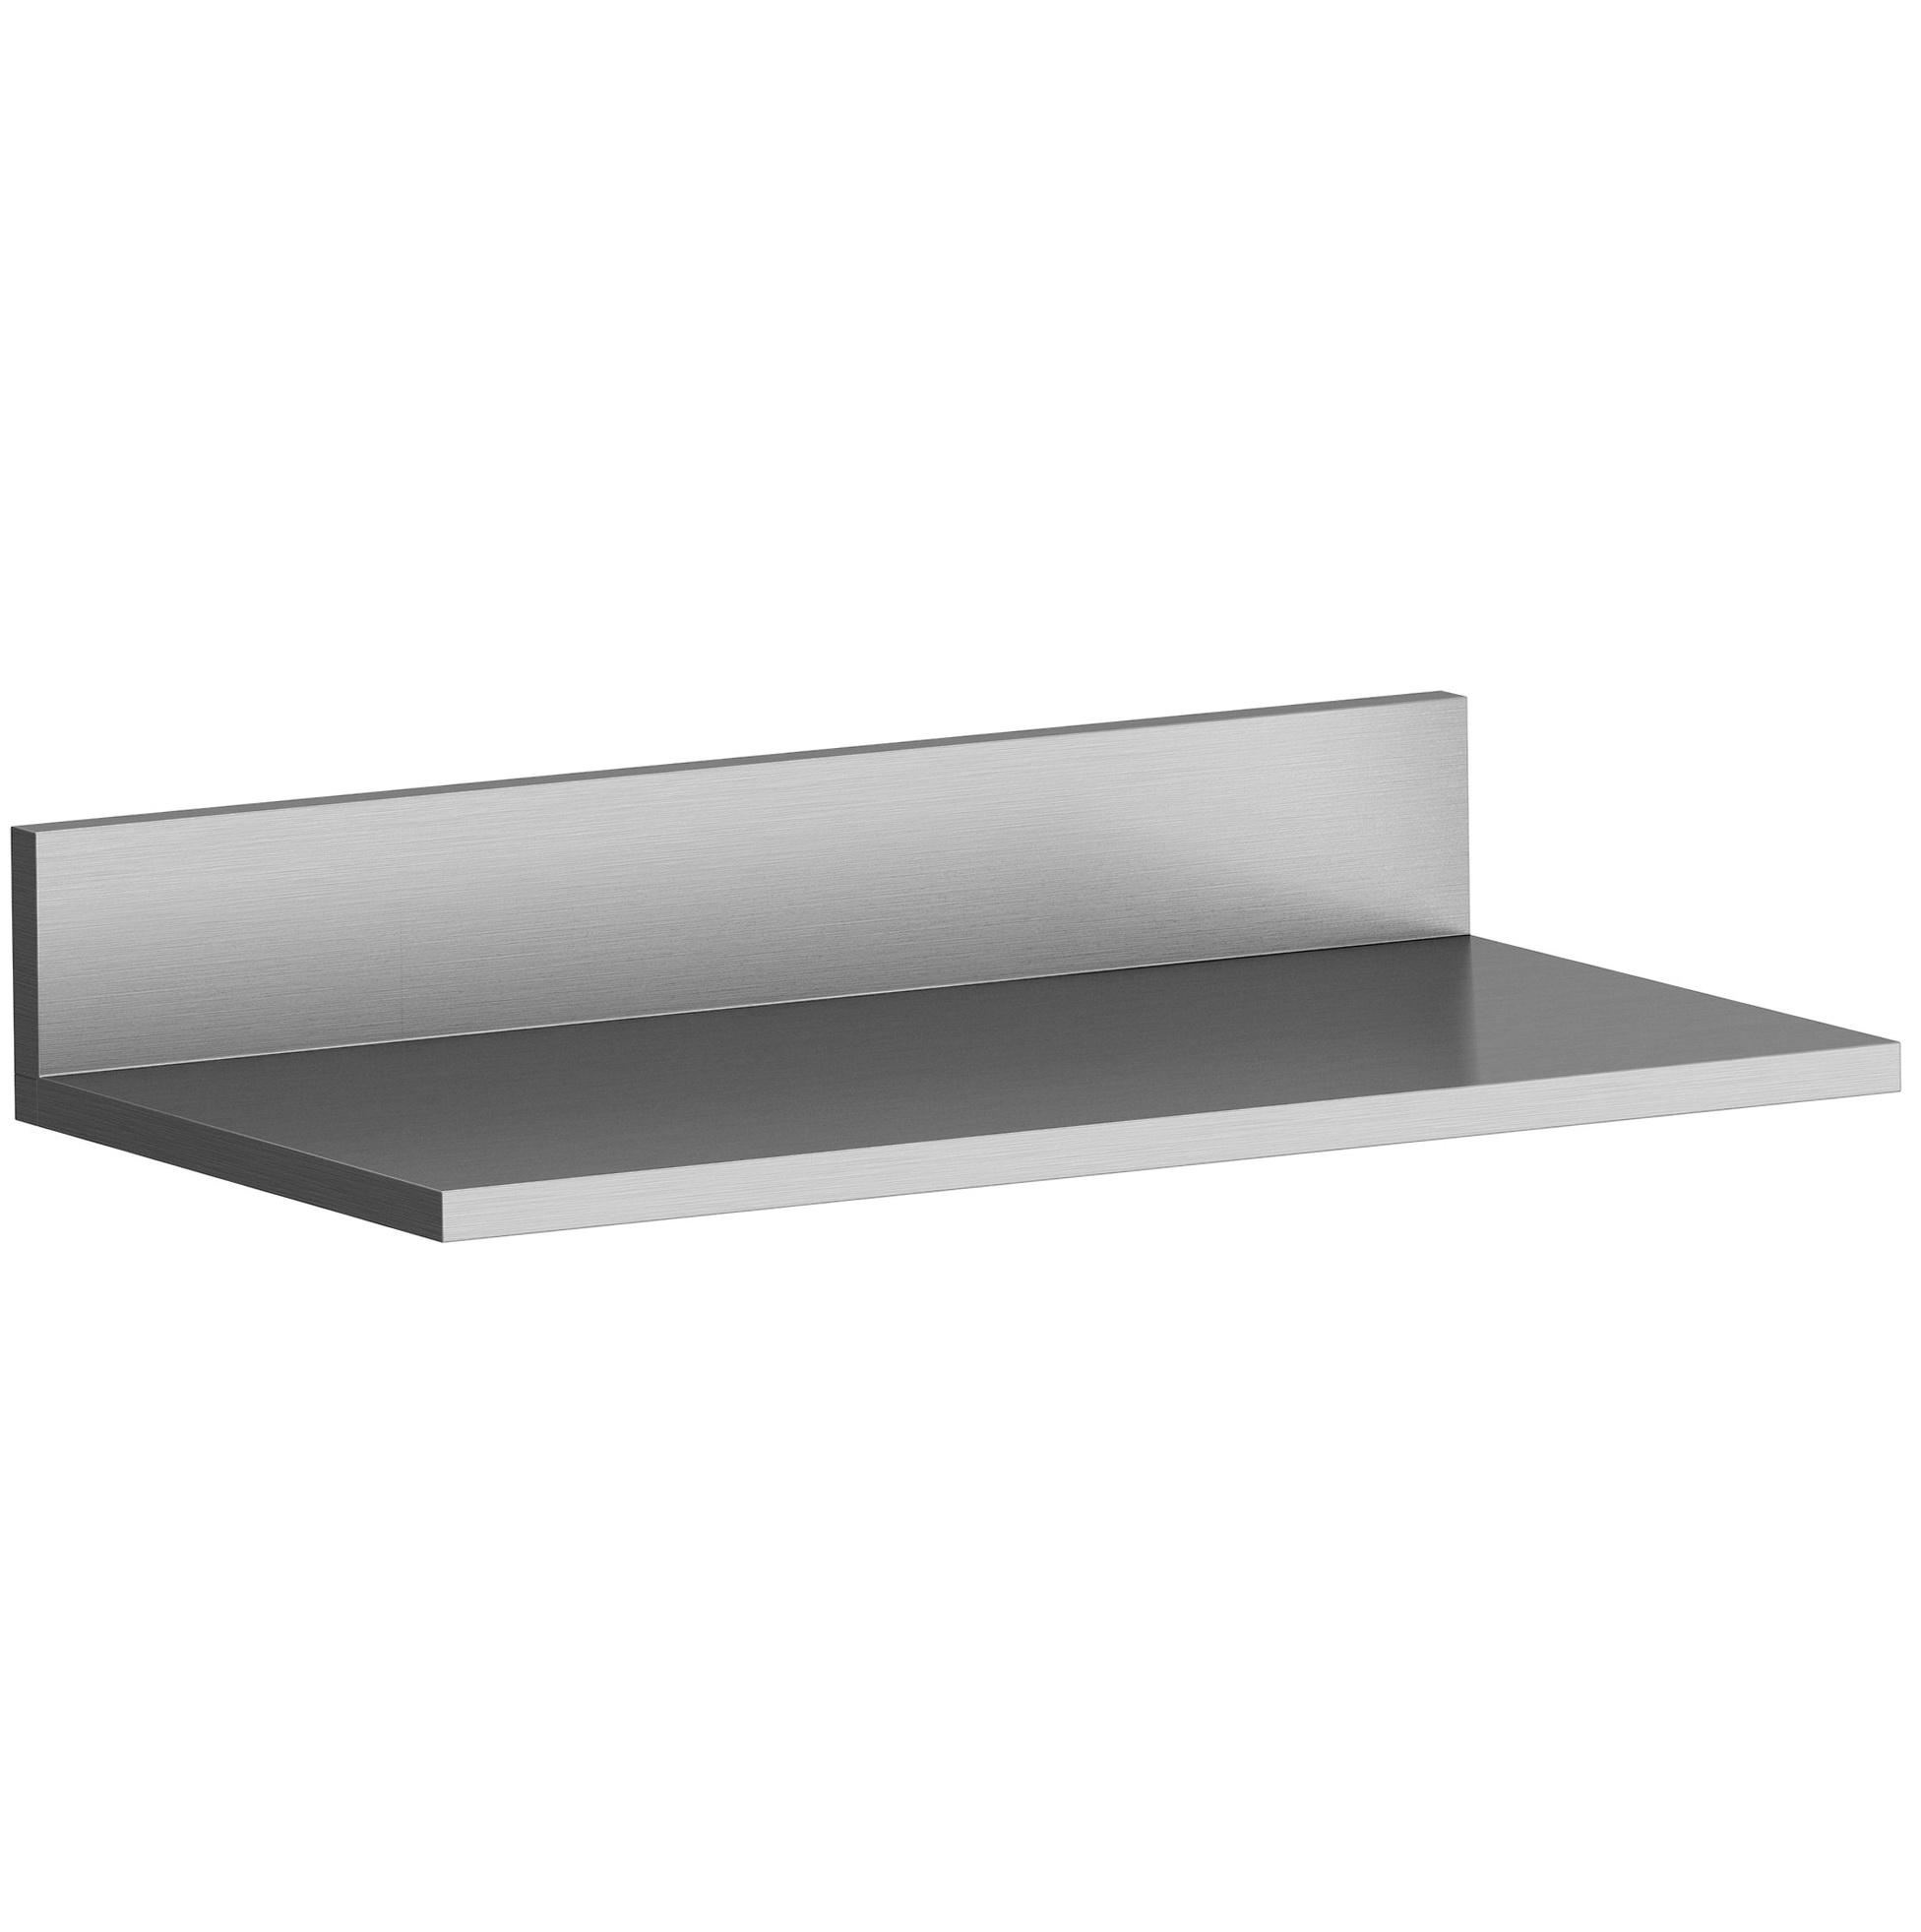 Stainless Steel Wall Shelf Ikea